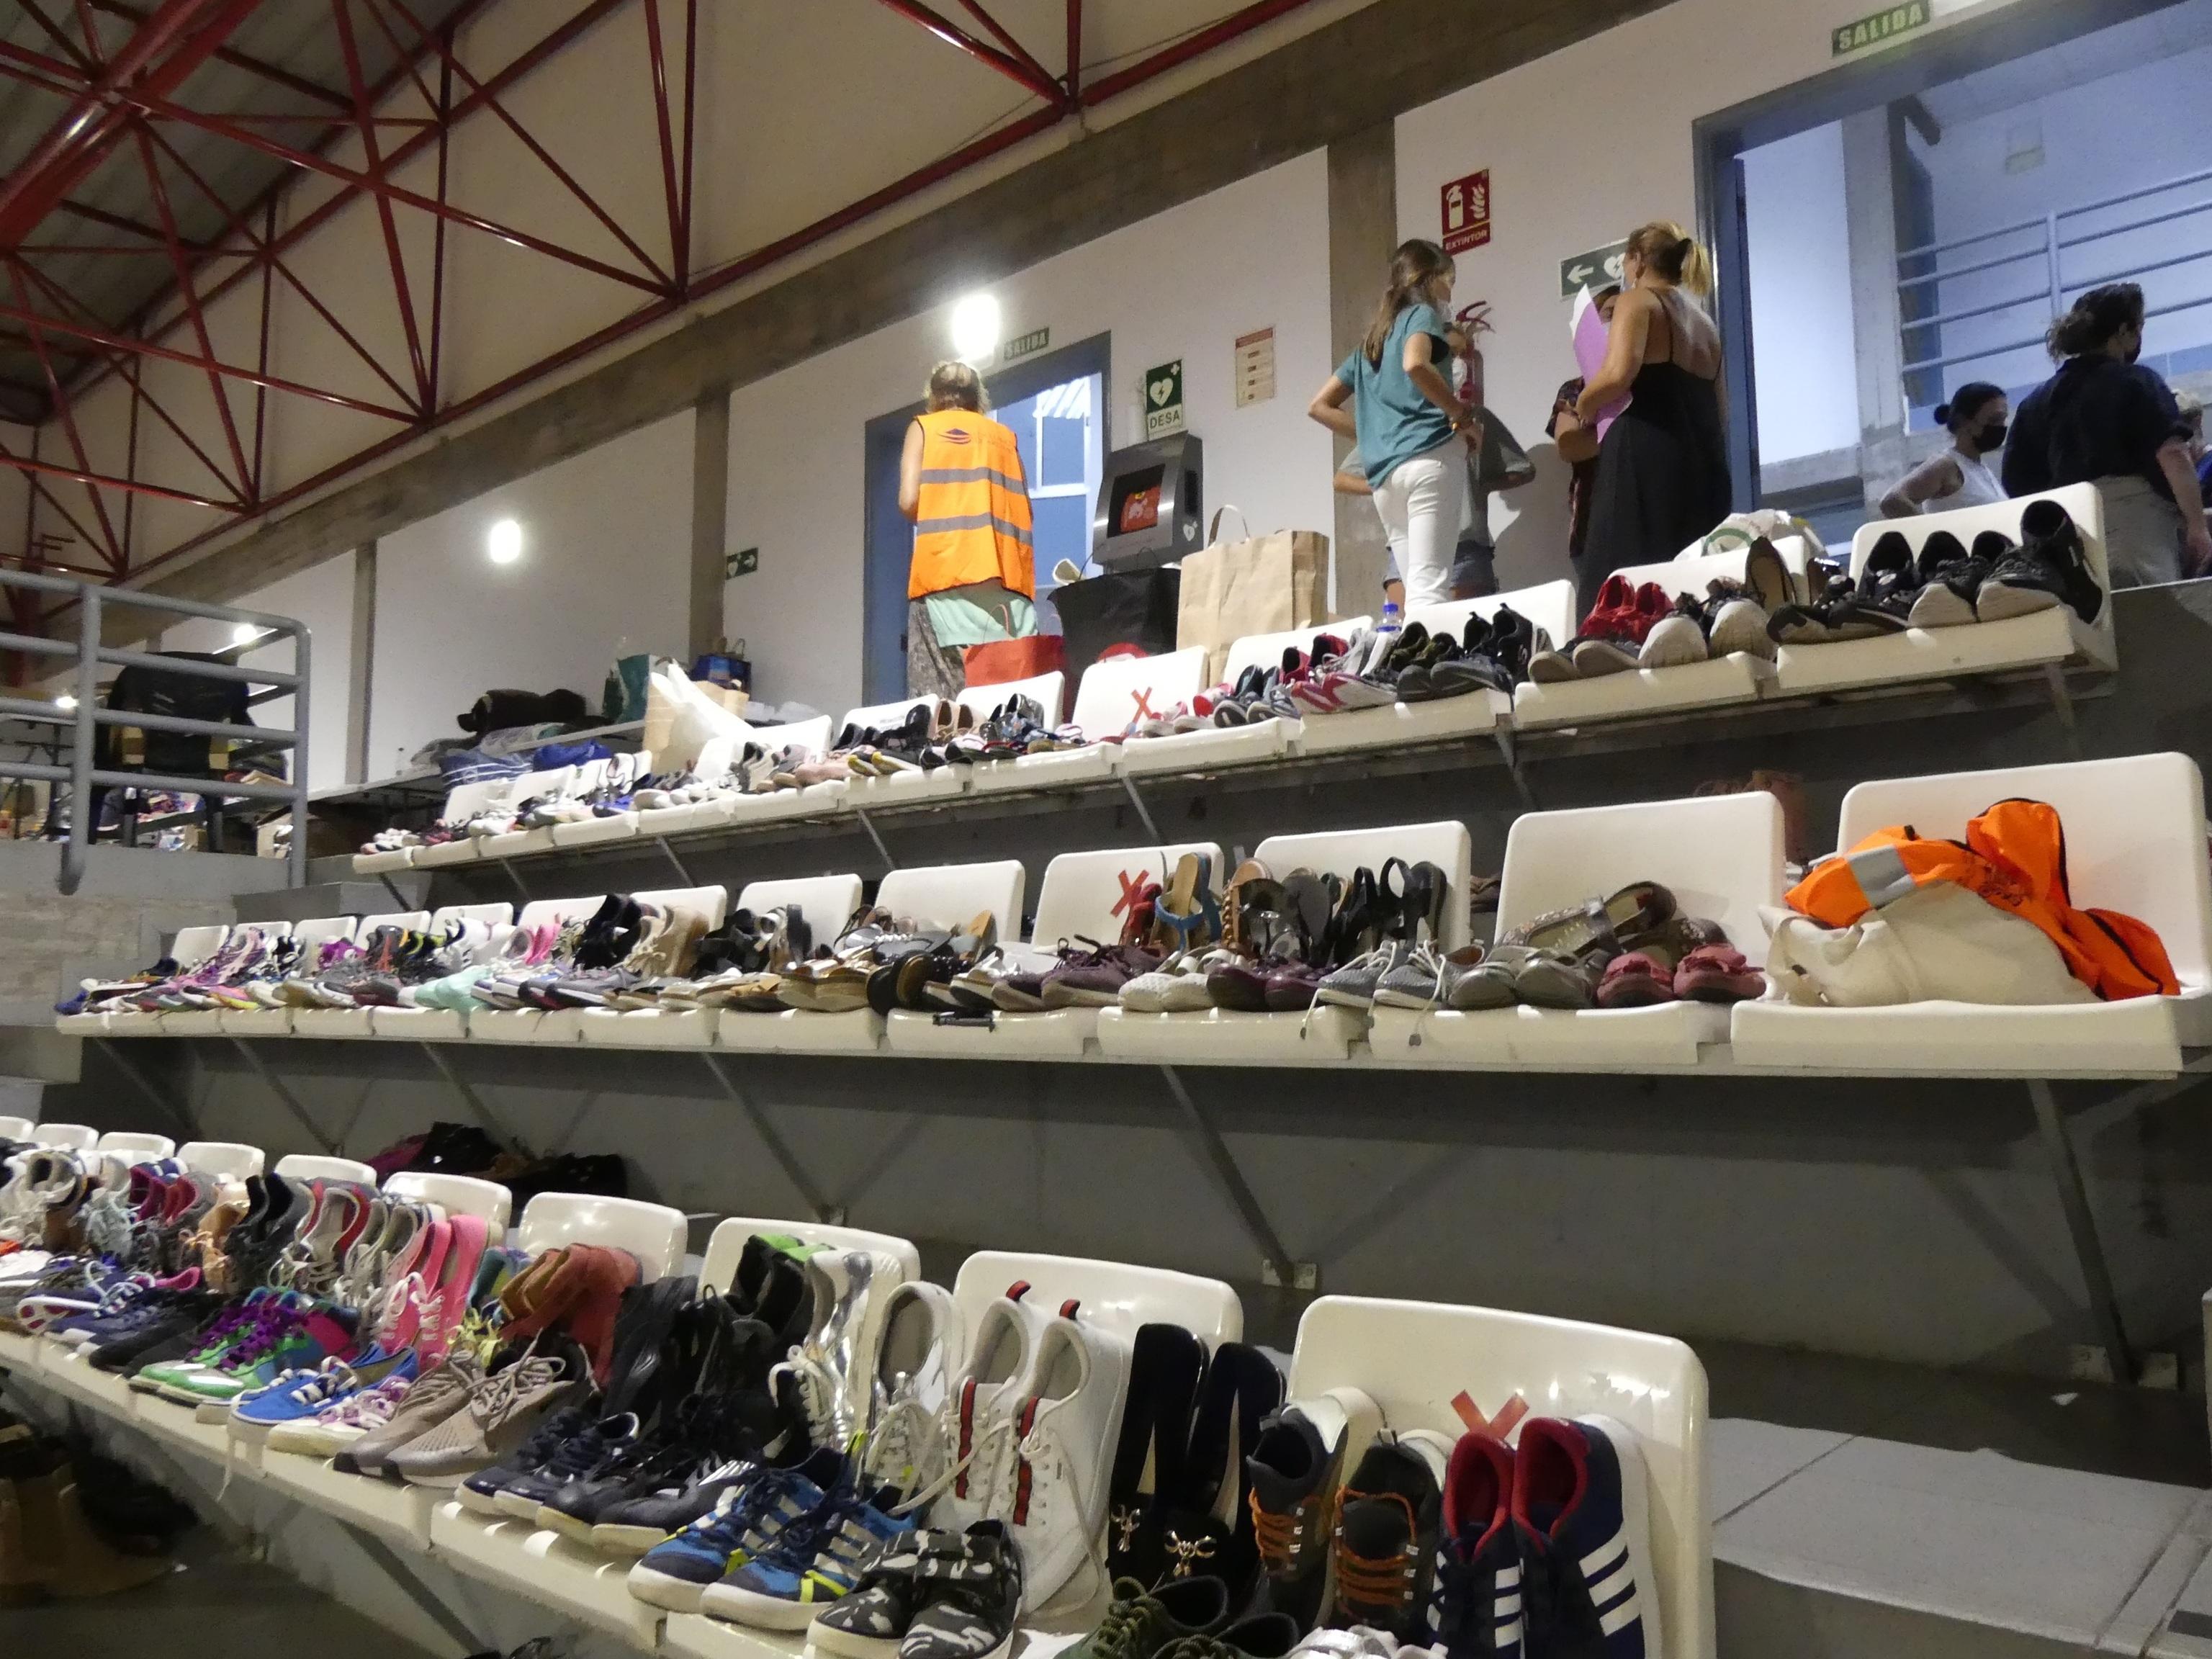 La población de La Palma ha donado ropa, calzado y distintos bienes para la gente que ha perdido su casa.